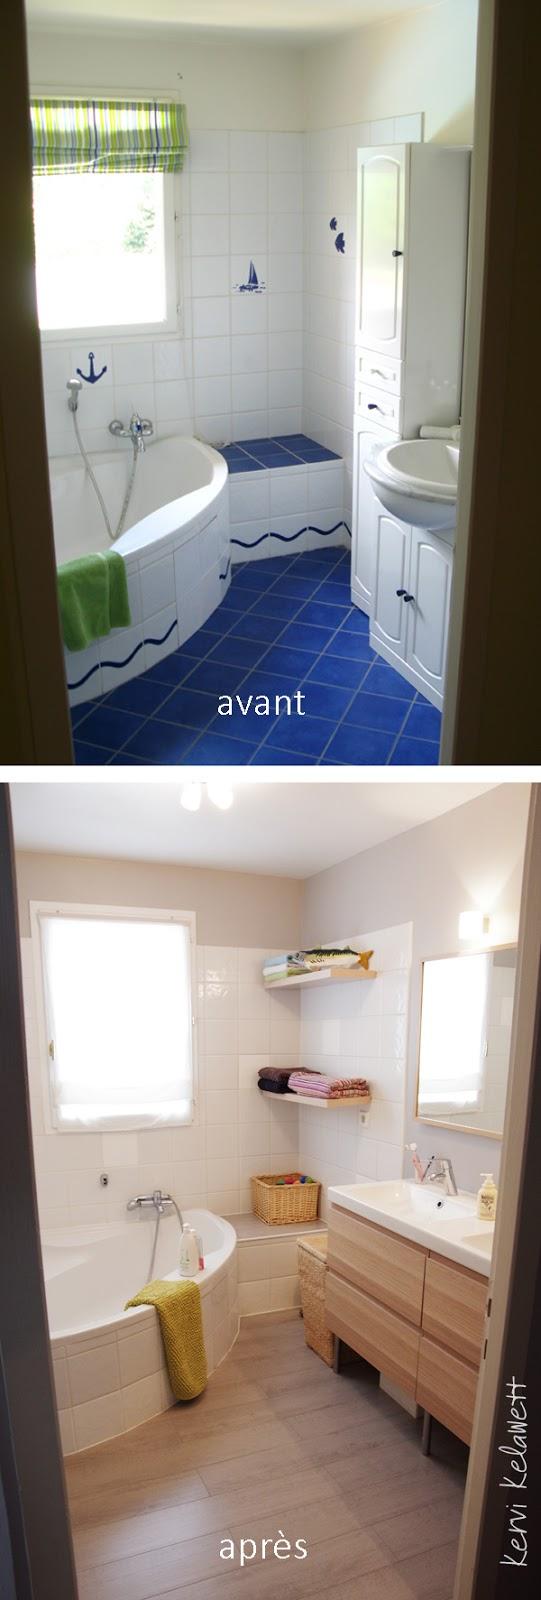 Kervikelawett relooking salle de bain for Relooking salle de bain